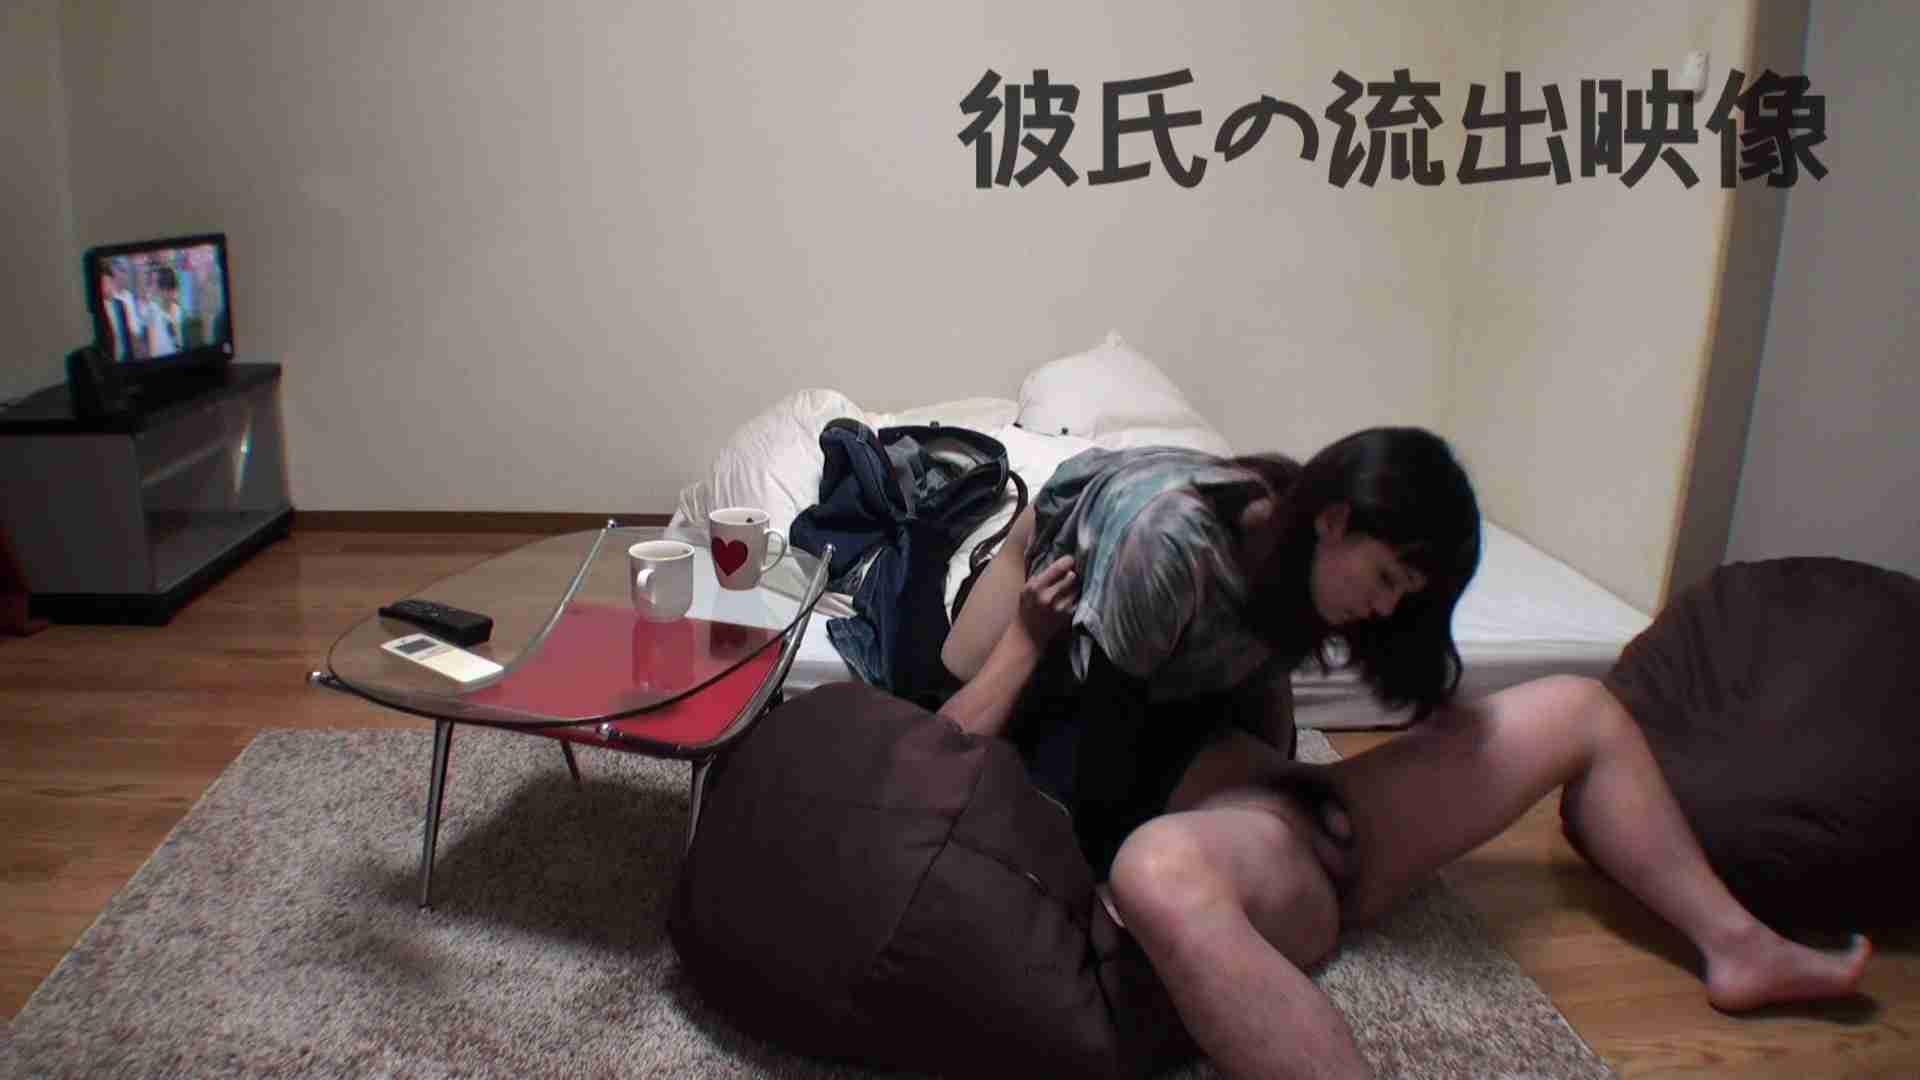 彼氏が流出 パイパン素人嬢のハメ撮り映像02 一般投稿 | ギャル達のSEX  61画像 29